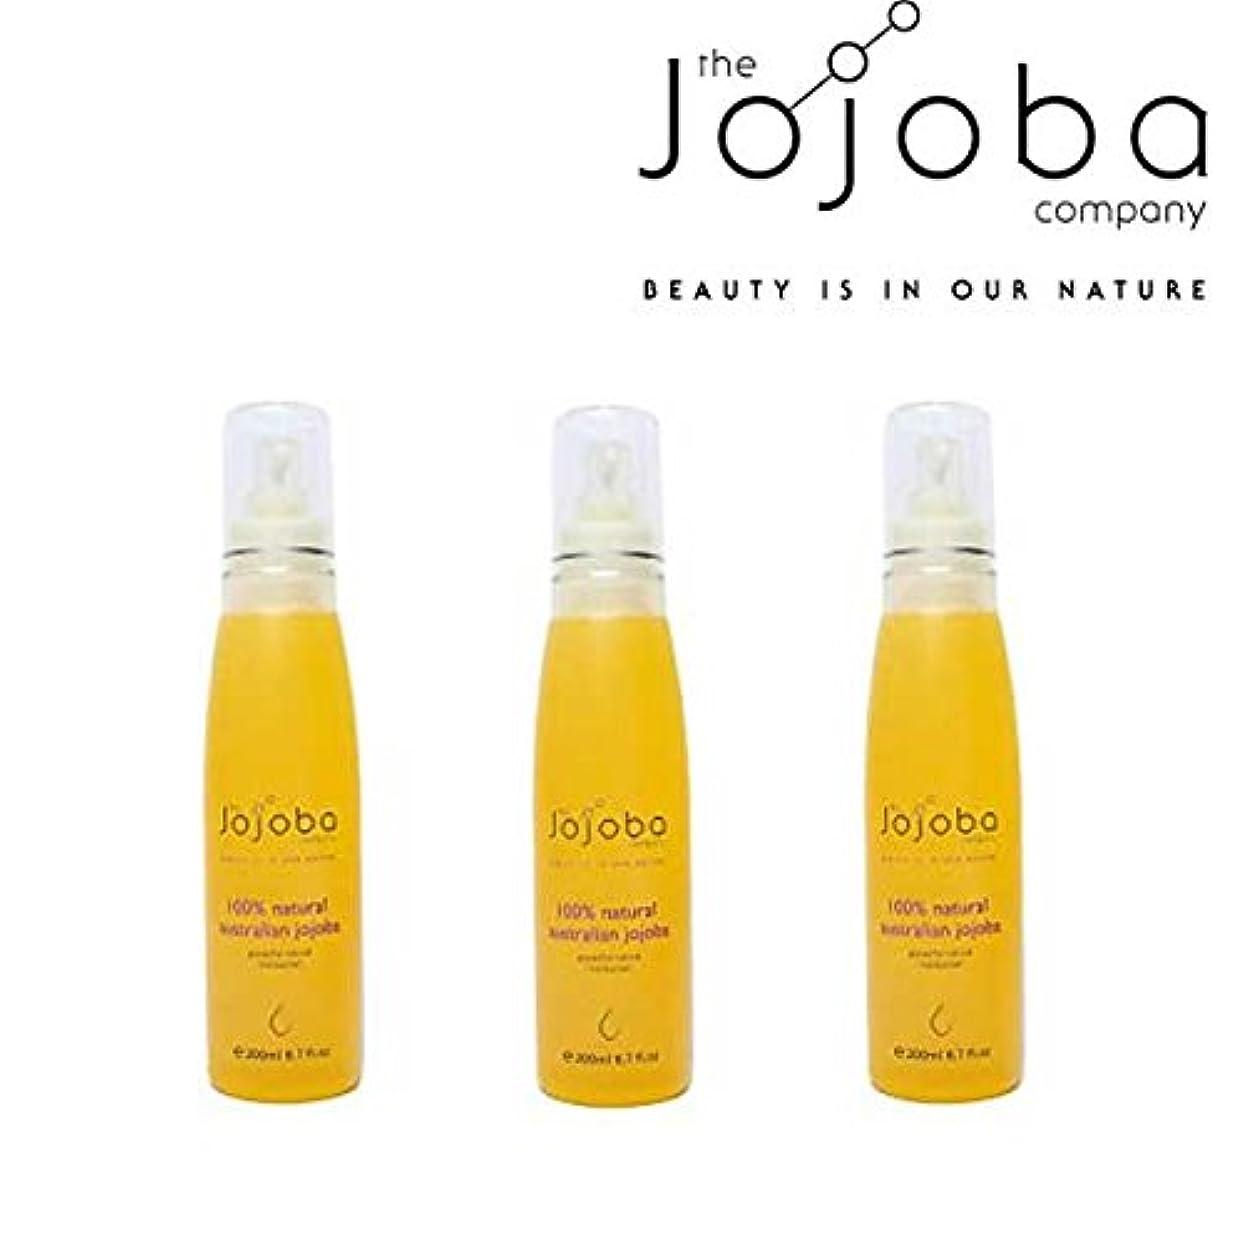 事前ありがたい症候群[The jojoba Company]天然100% オーストラリア産ゴールデンホホバオイル200ml(3本セット)[海外直送品]